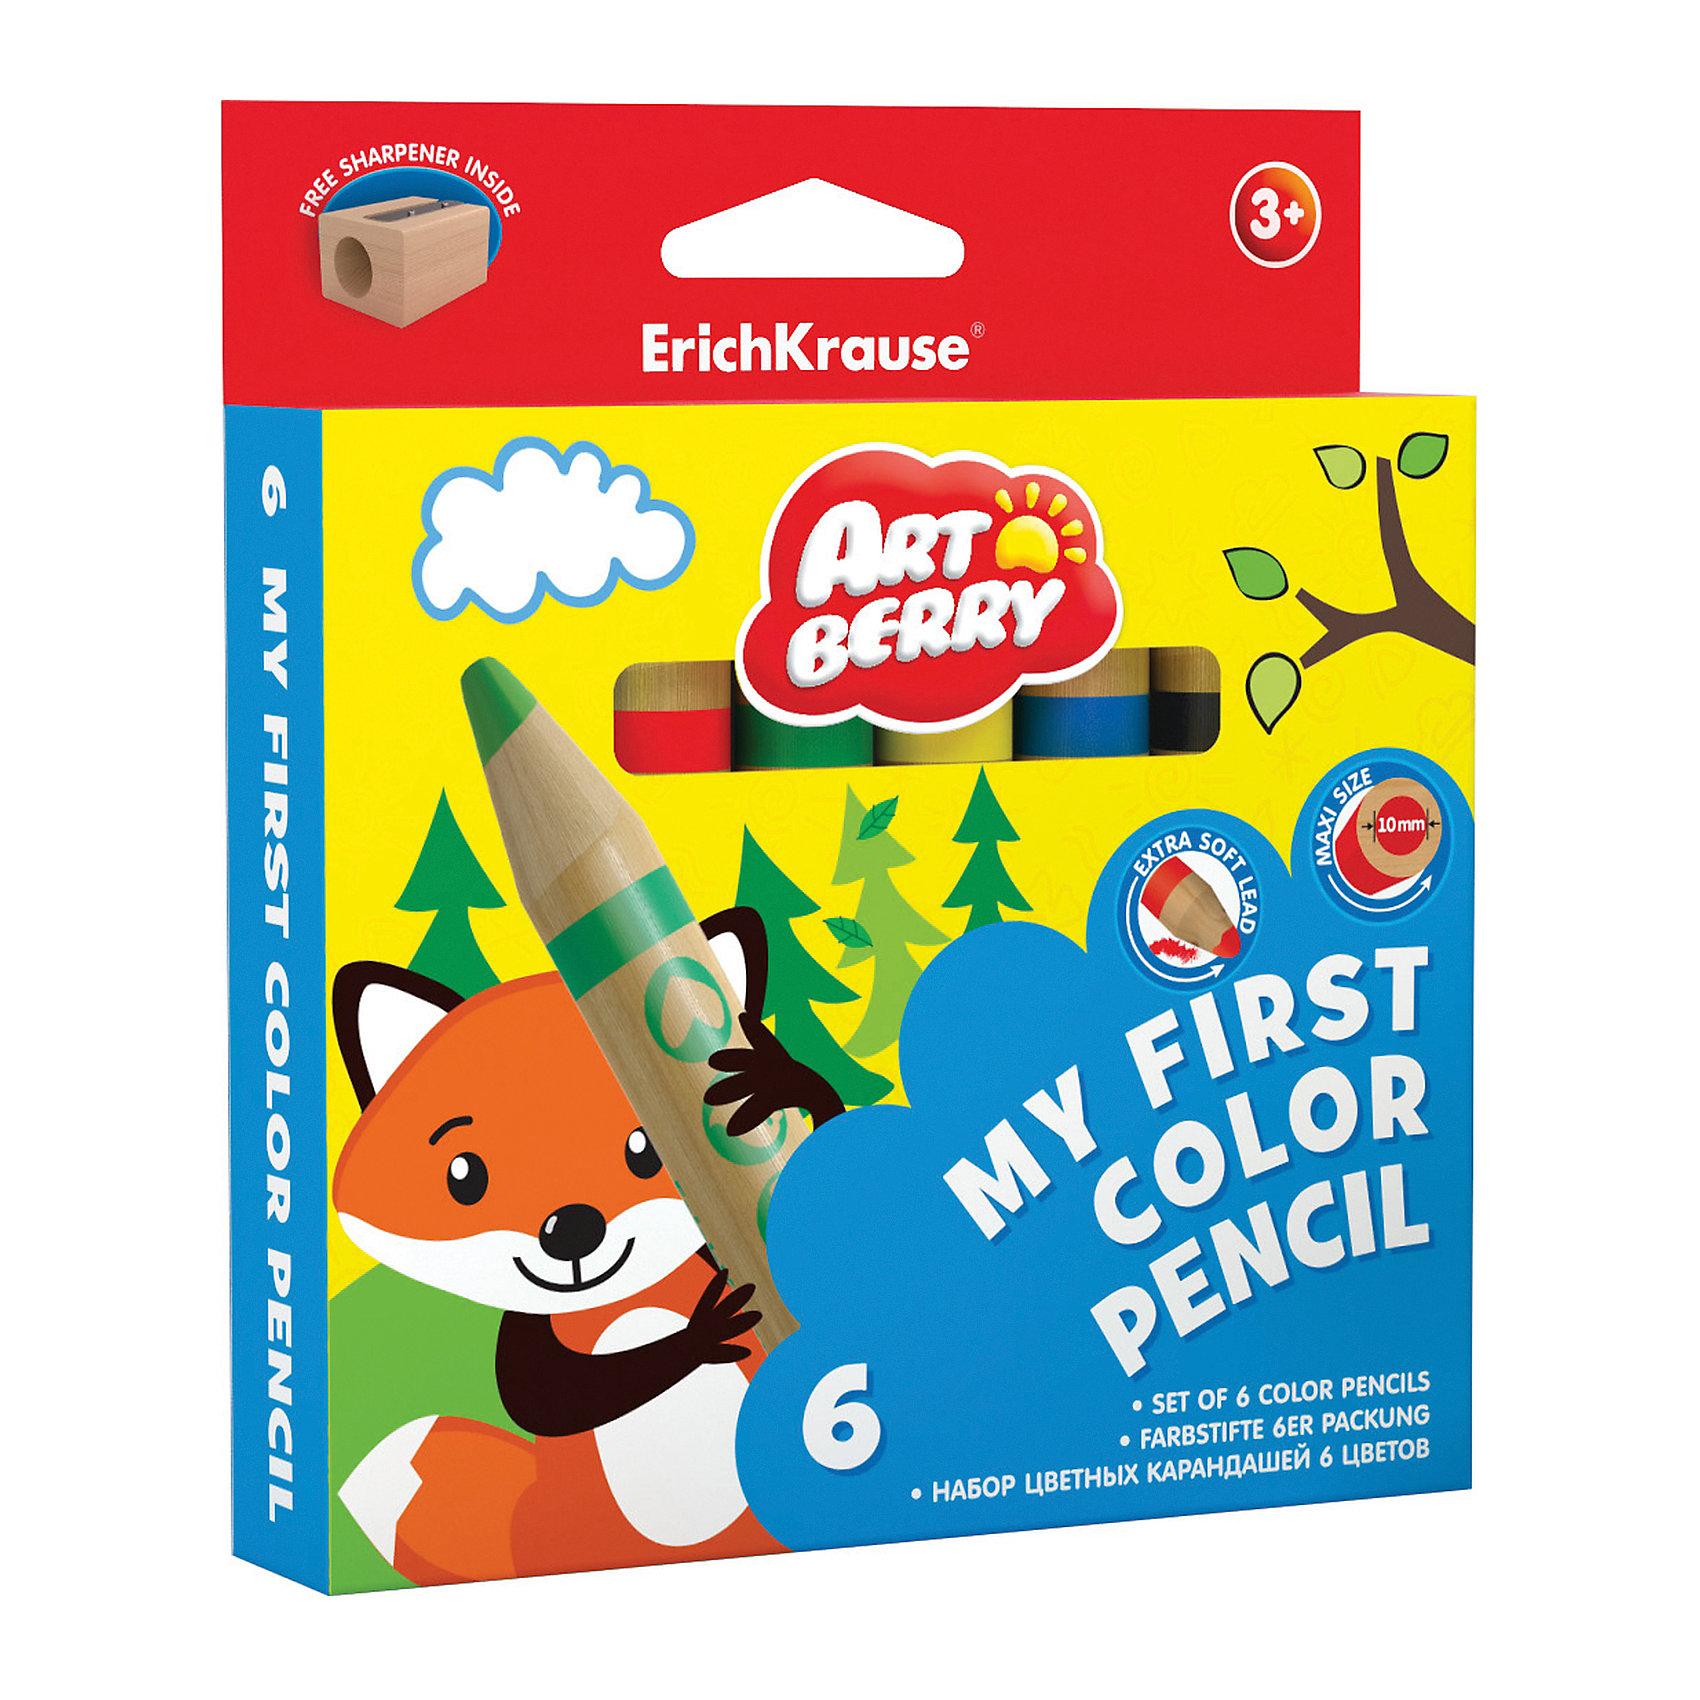 Erich Krause Цветные карандаши ArtBerry My First 6 цветов + точилкаКарандаши для творчества<br>Характеристики товара:<br><br>• в комплекте: 6 карандашей (6 цветов), точилка;<br>• материал: дерево;<br>• размер упаковки: 1,5х7х21 см;<br>• вес: 132 грамма;<br>• возраст: от 3 лет.<br><br>Набор карандашей ArtBerry My Firs прекрасно подойдет для самых маленьких художников. В комплект входят 6 утолщенных карандашей и точилка. Карандаши удобно лежат в ручках малыша. Корпус хорошо выдерживает сильный нажим и падения. Стержень мягко рисует, нанося равномерные, ровные штрихи. С помощью точилки ребенок сможет заточить свои карандаши без лишних усилий.<br><br>Erich Krause (Эрих Краузе) Цветные карандаши ArtBerry My First 6 цветов + точилка можно купить в нашем интернет-магазине.<br><br>Ширина мм: 210<br>Глубина мм: 70<br>Высота мм: 15<br>Вес г: 131<br>Возраст от месяцев: 84<br>Возраст до месяцев: 216<br>Пол: Унисекс<br>Возраст: Детский<br>SKU: 6878862